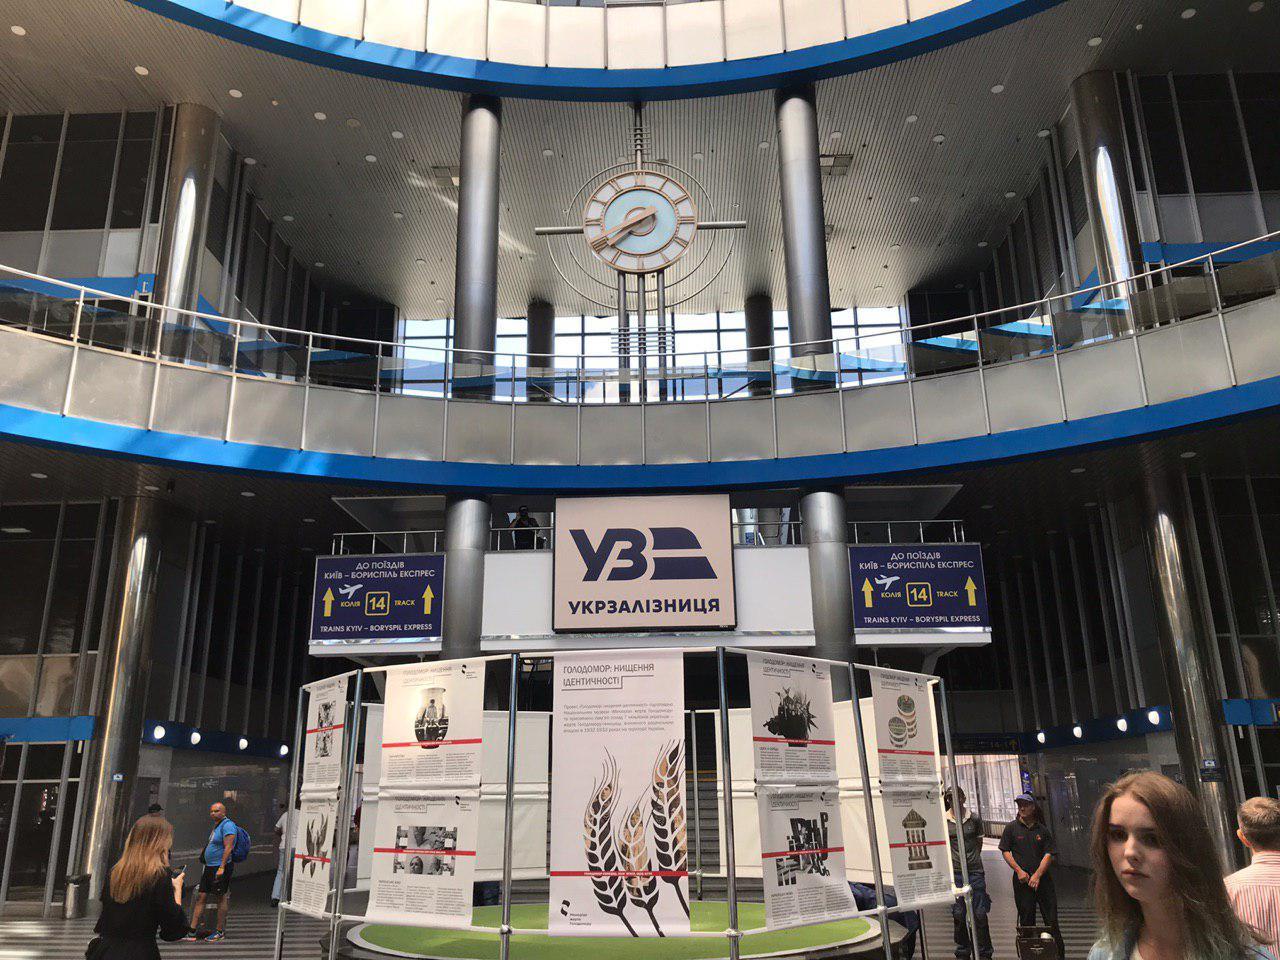 🖼️ Виставка про Голодомор на залізничному вокзалі Києва: що дізнаються українці та іноземці